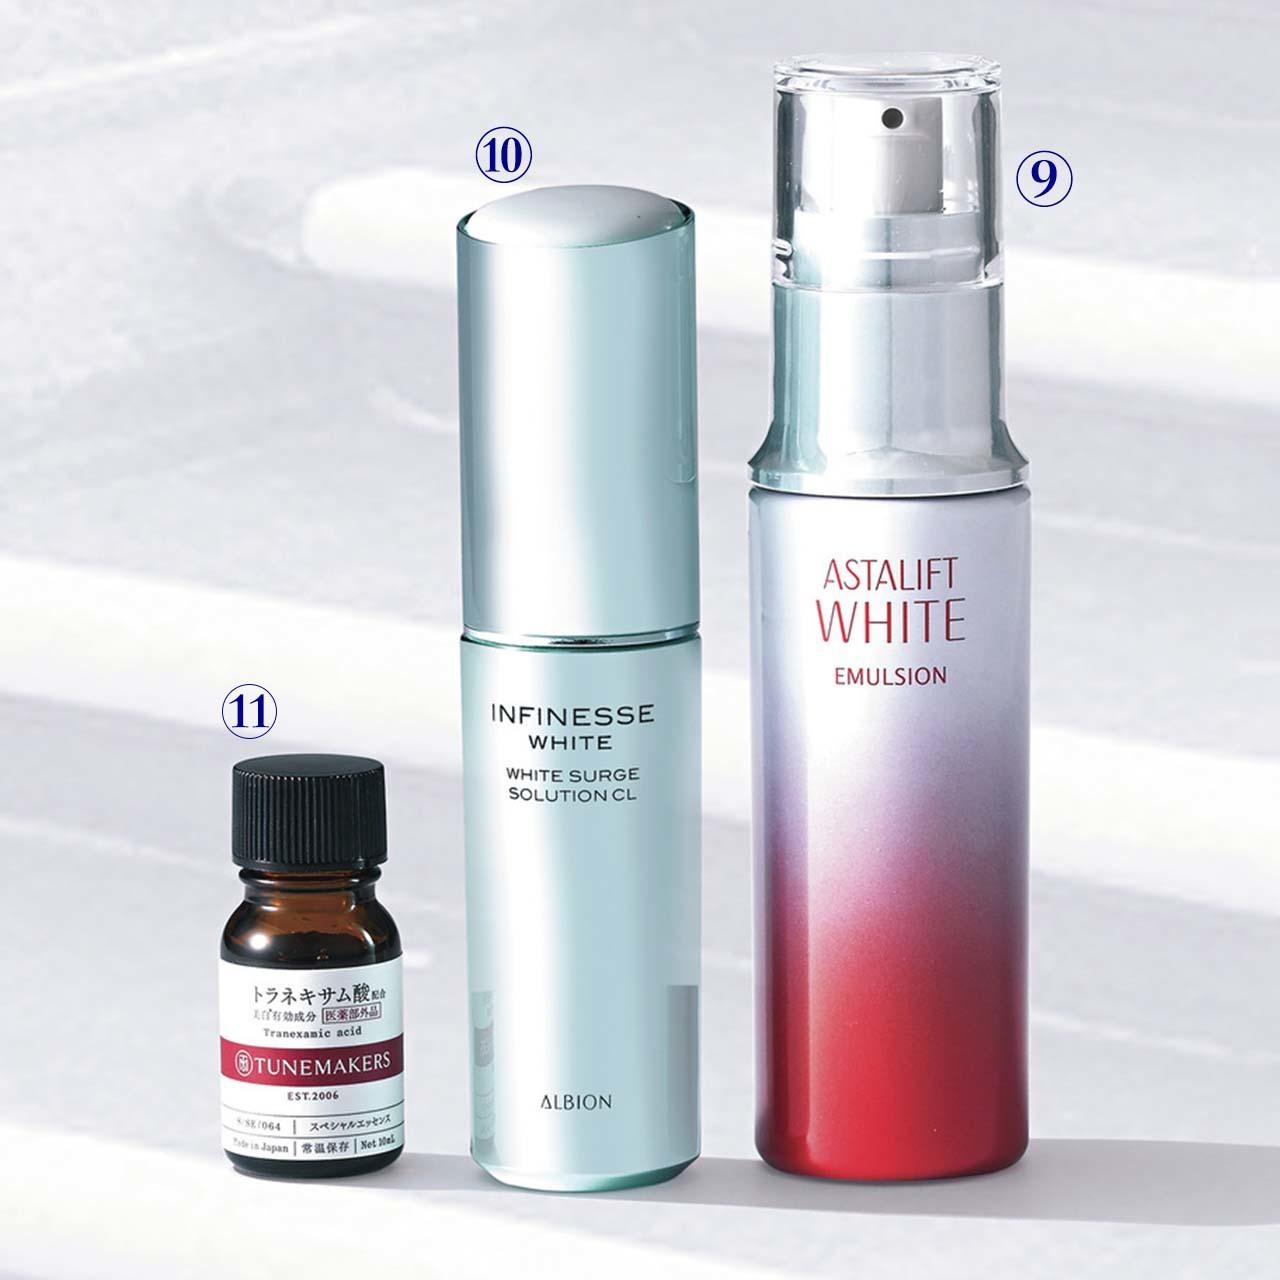 アスタリフト ホワイト エマルジョン、アンフィネスホワイト ホワイトサージ ソリューション CL、薬用美白原液 トラネキサム酸